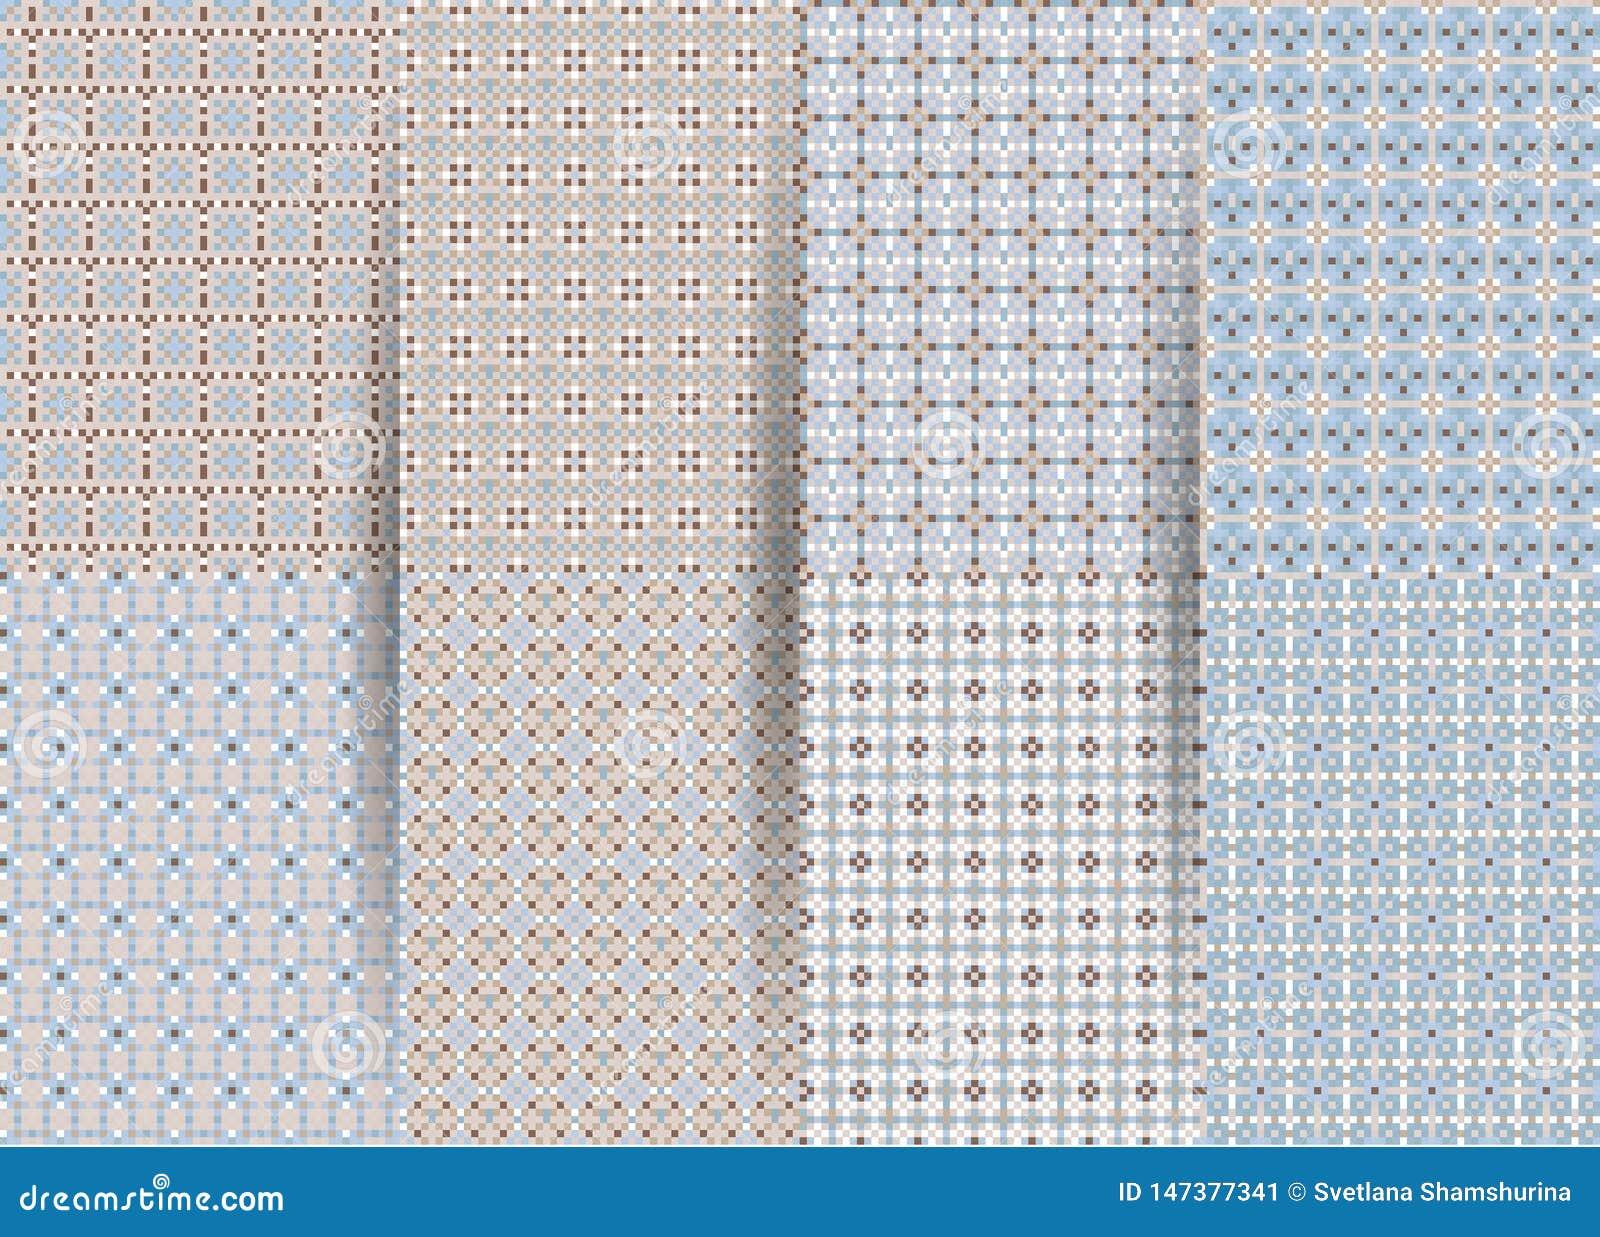 Fije de 6 modelos geom?tricos a cuadros incons?tiles abstractos Ackground geom?trico azul del vector para las telas, impresiones,